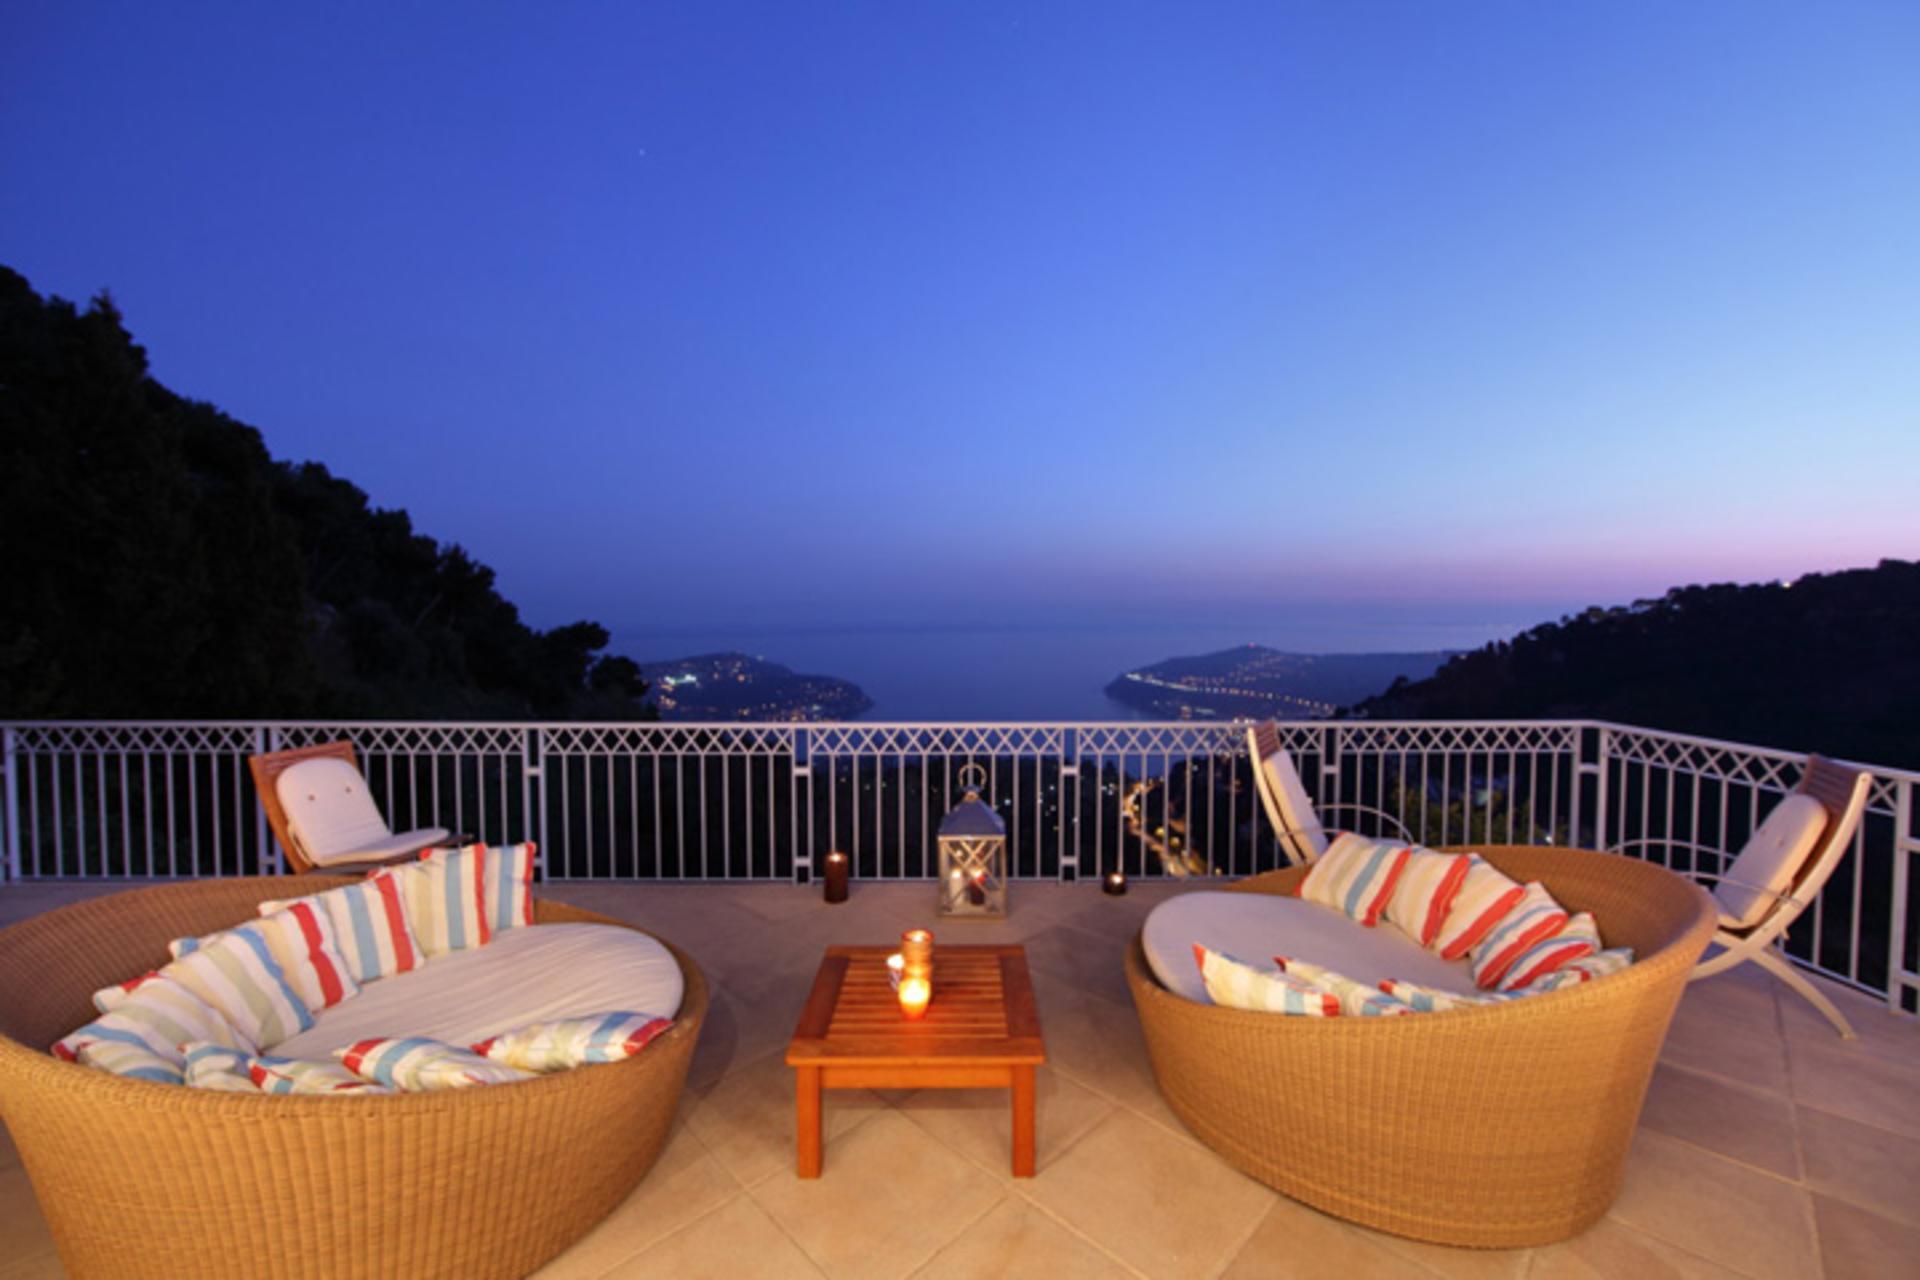 Evening Sea View, Chanson De La Mer, Cote d'Azur, Villefranche-sur-Mer.